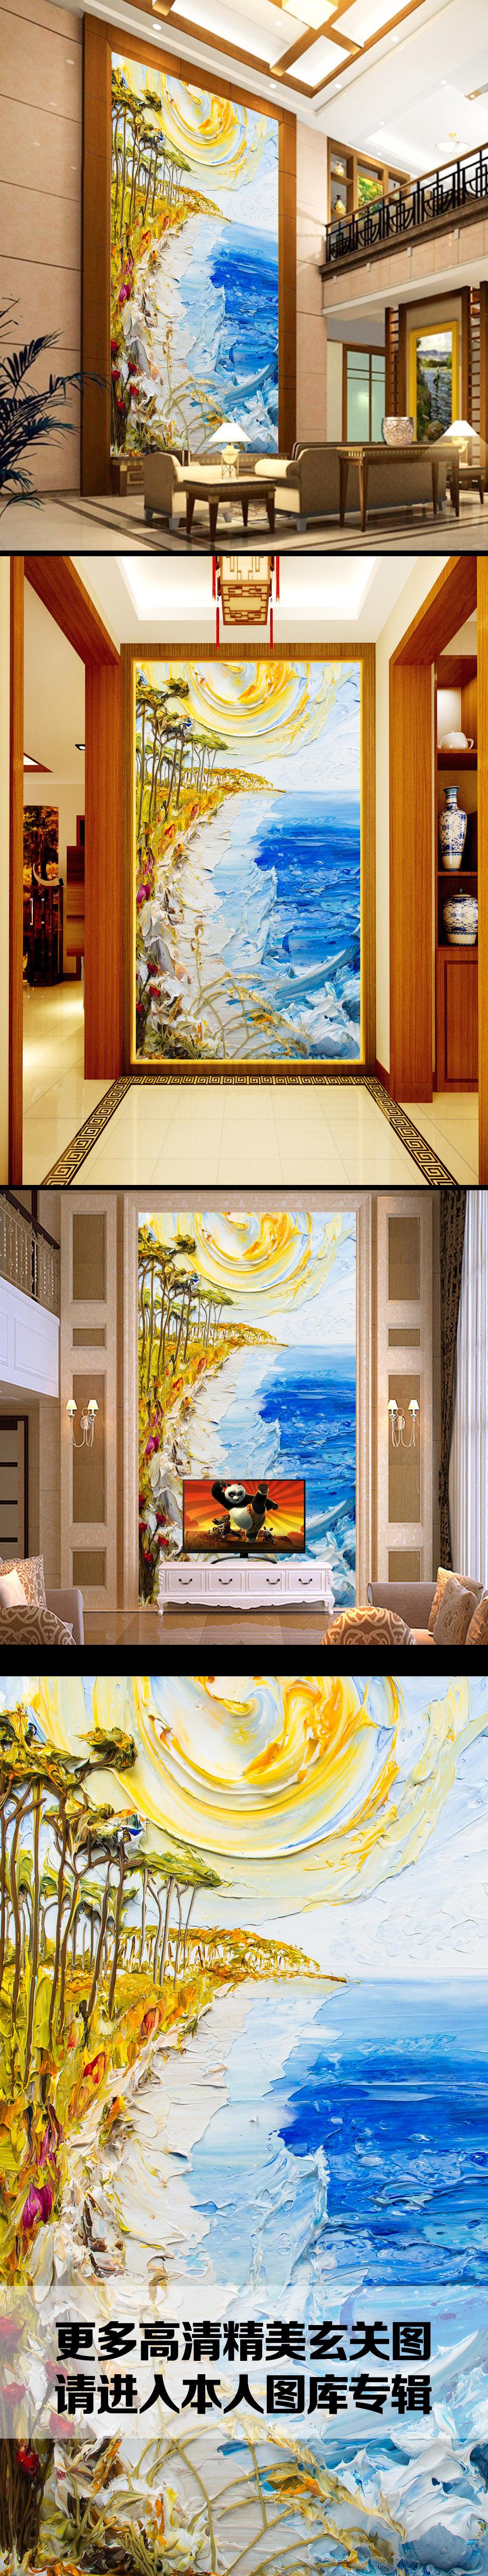 手绘立体浪漫海滩油画风景画玄关门厅